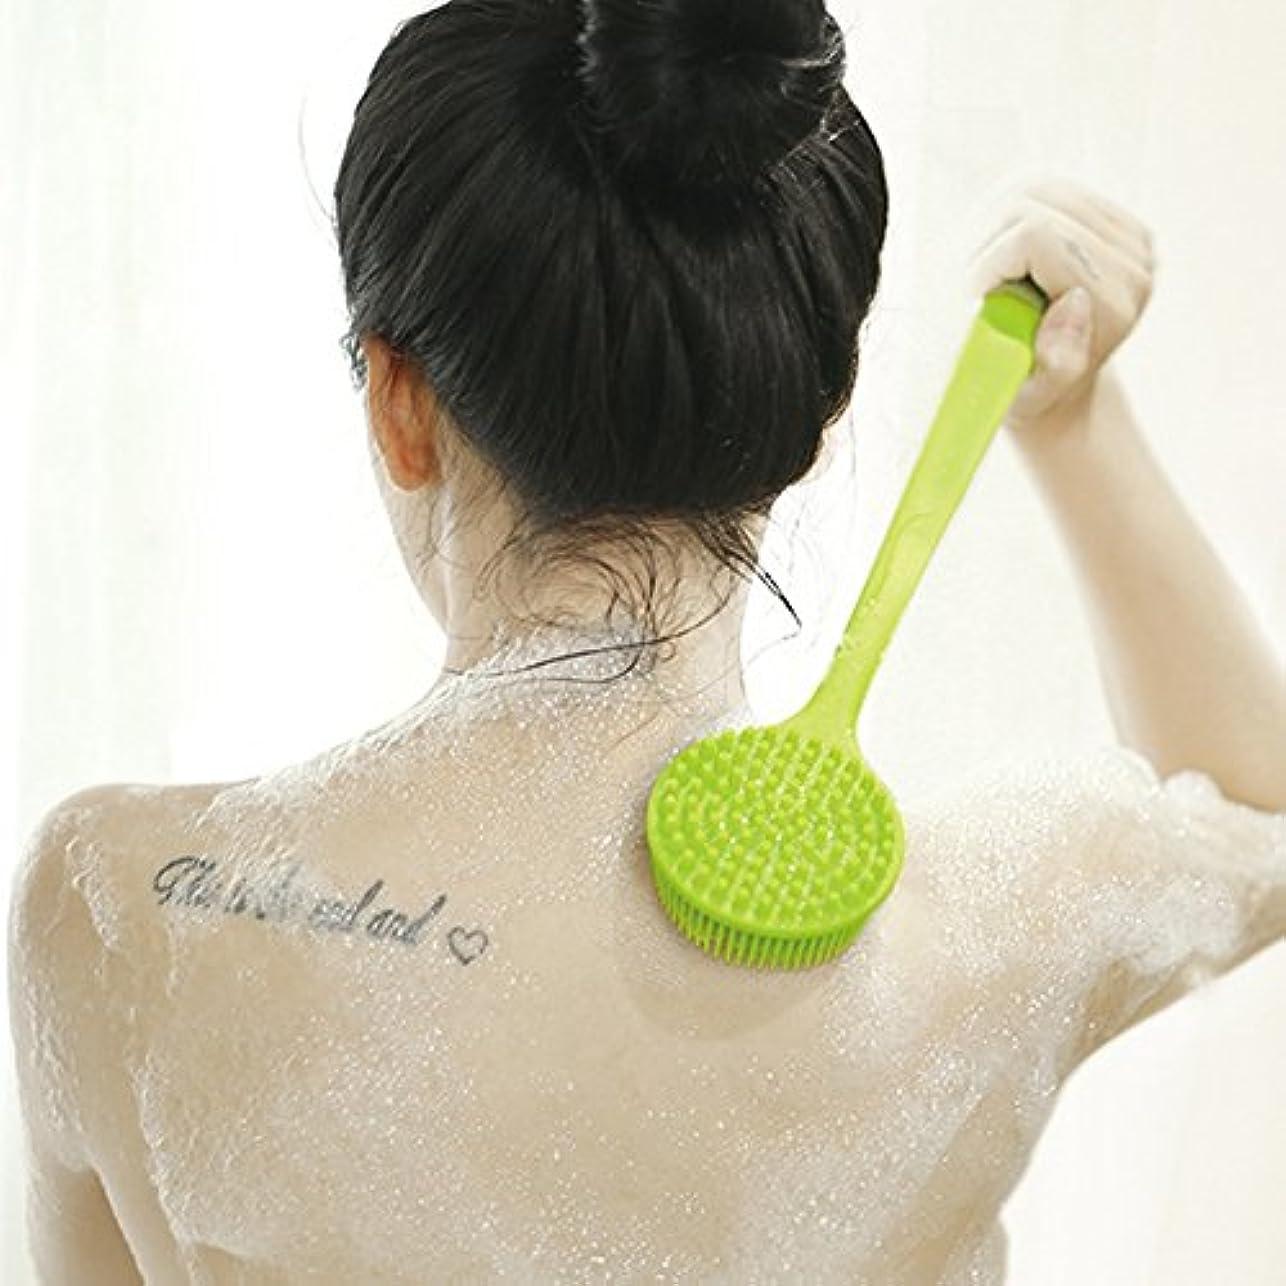 不純蓮周波数ボディブラシ シャワーブラシ お風呂用 シリコン製 体洗い マッサージブラシ 毛穴洗浄 角質除去 多機能 柔らかい